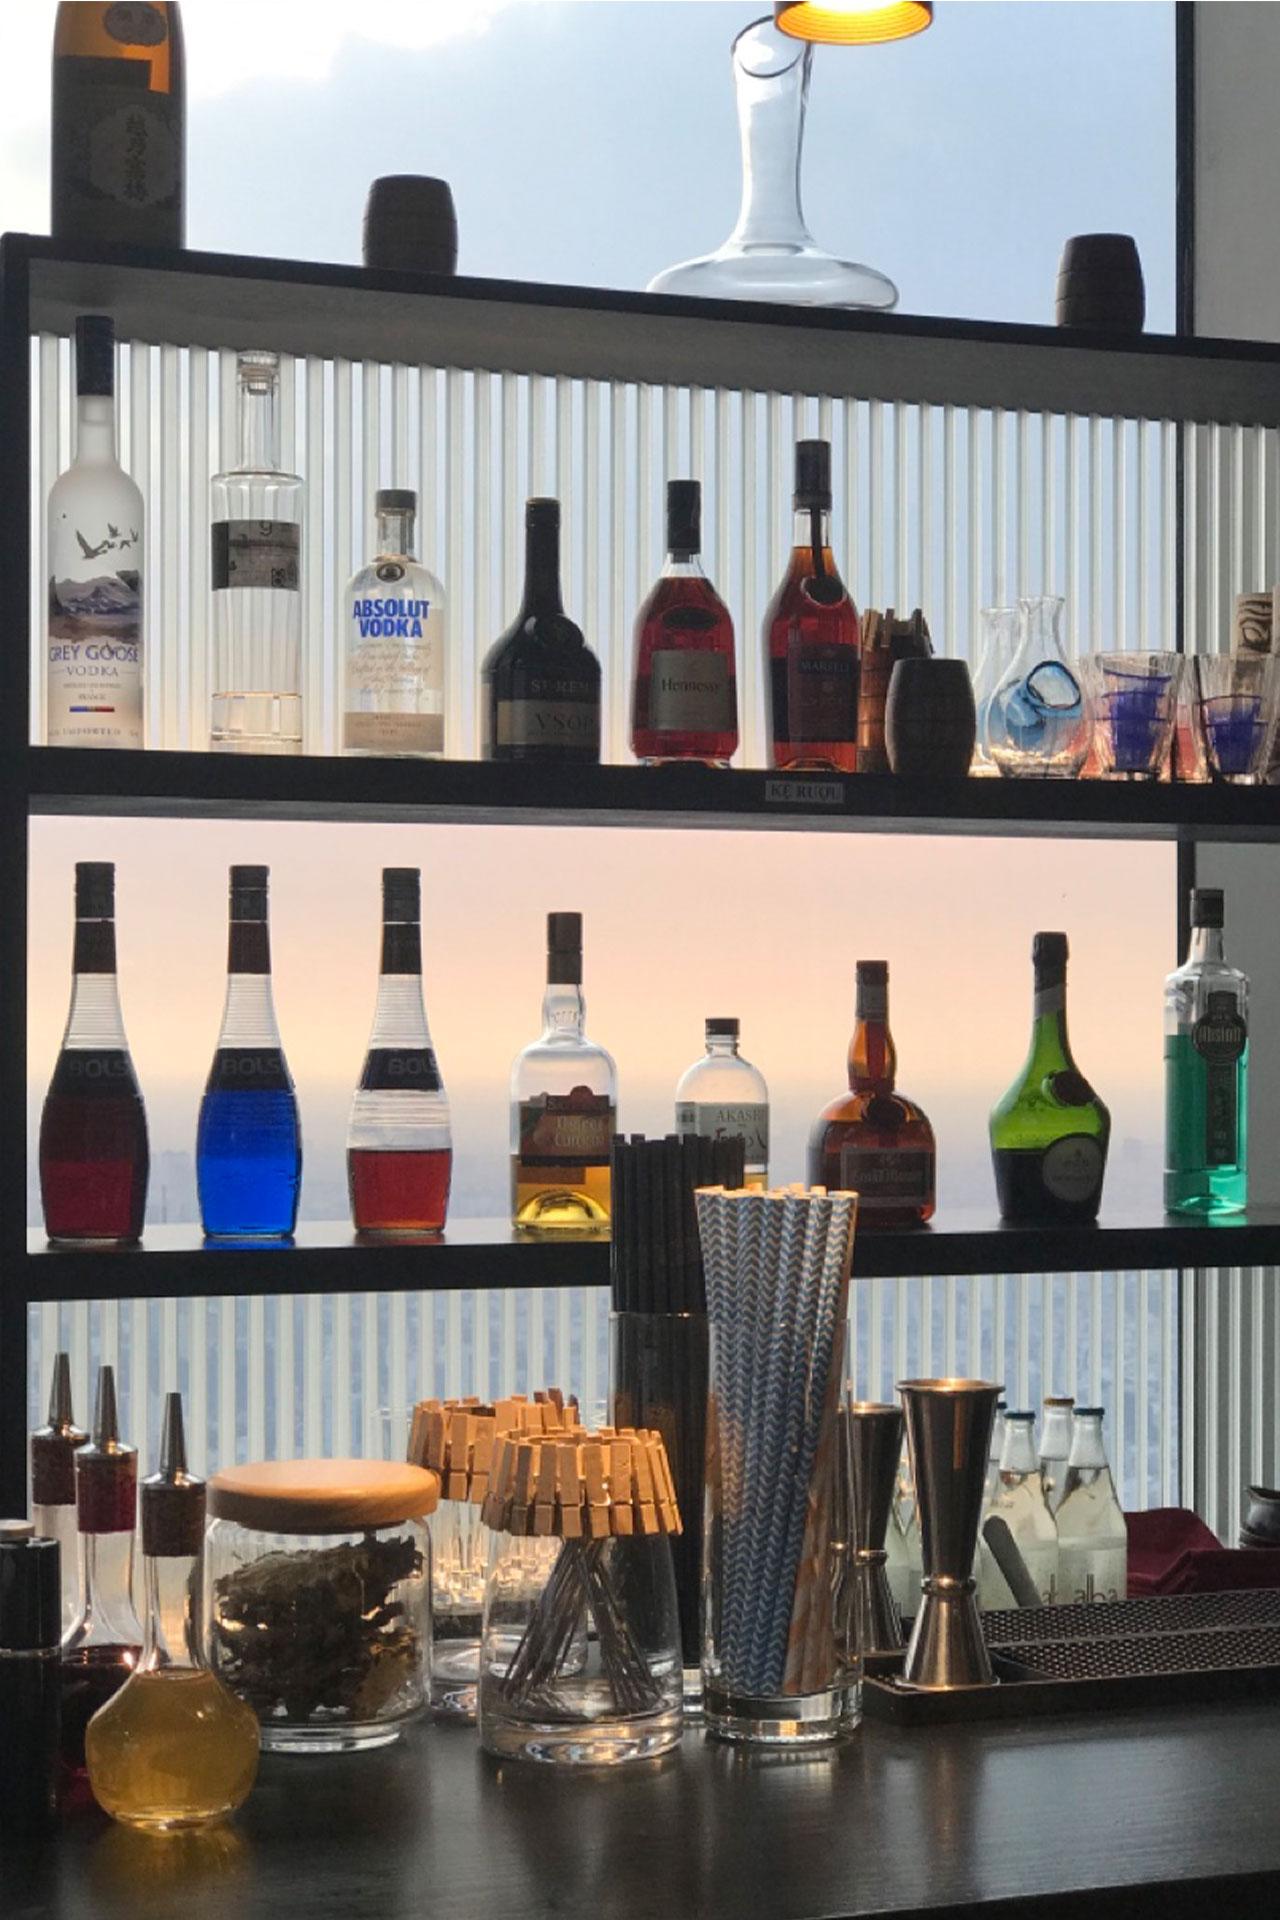 nhà hàng có rượu ngon